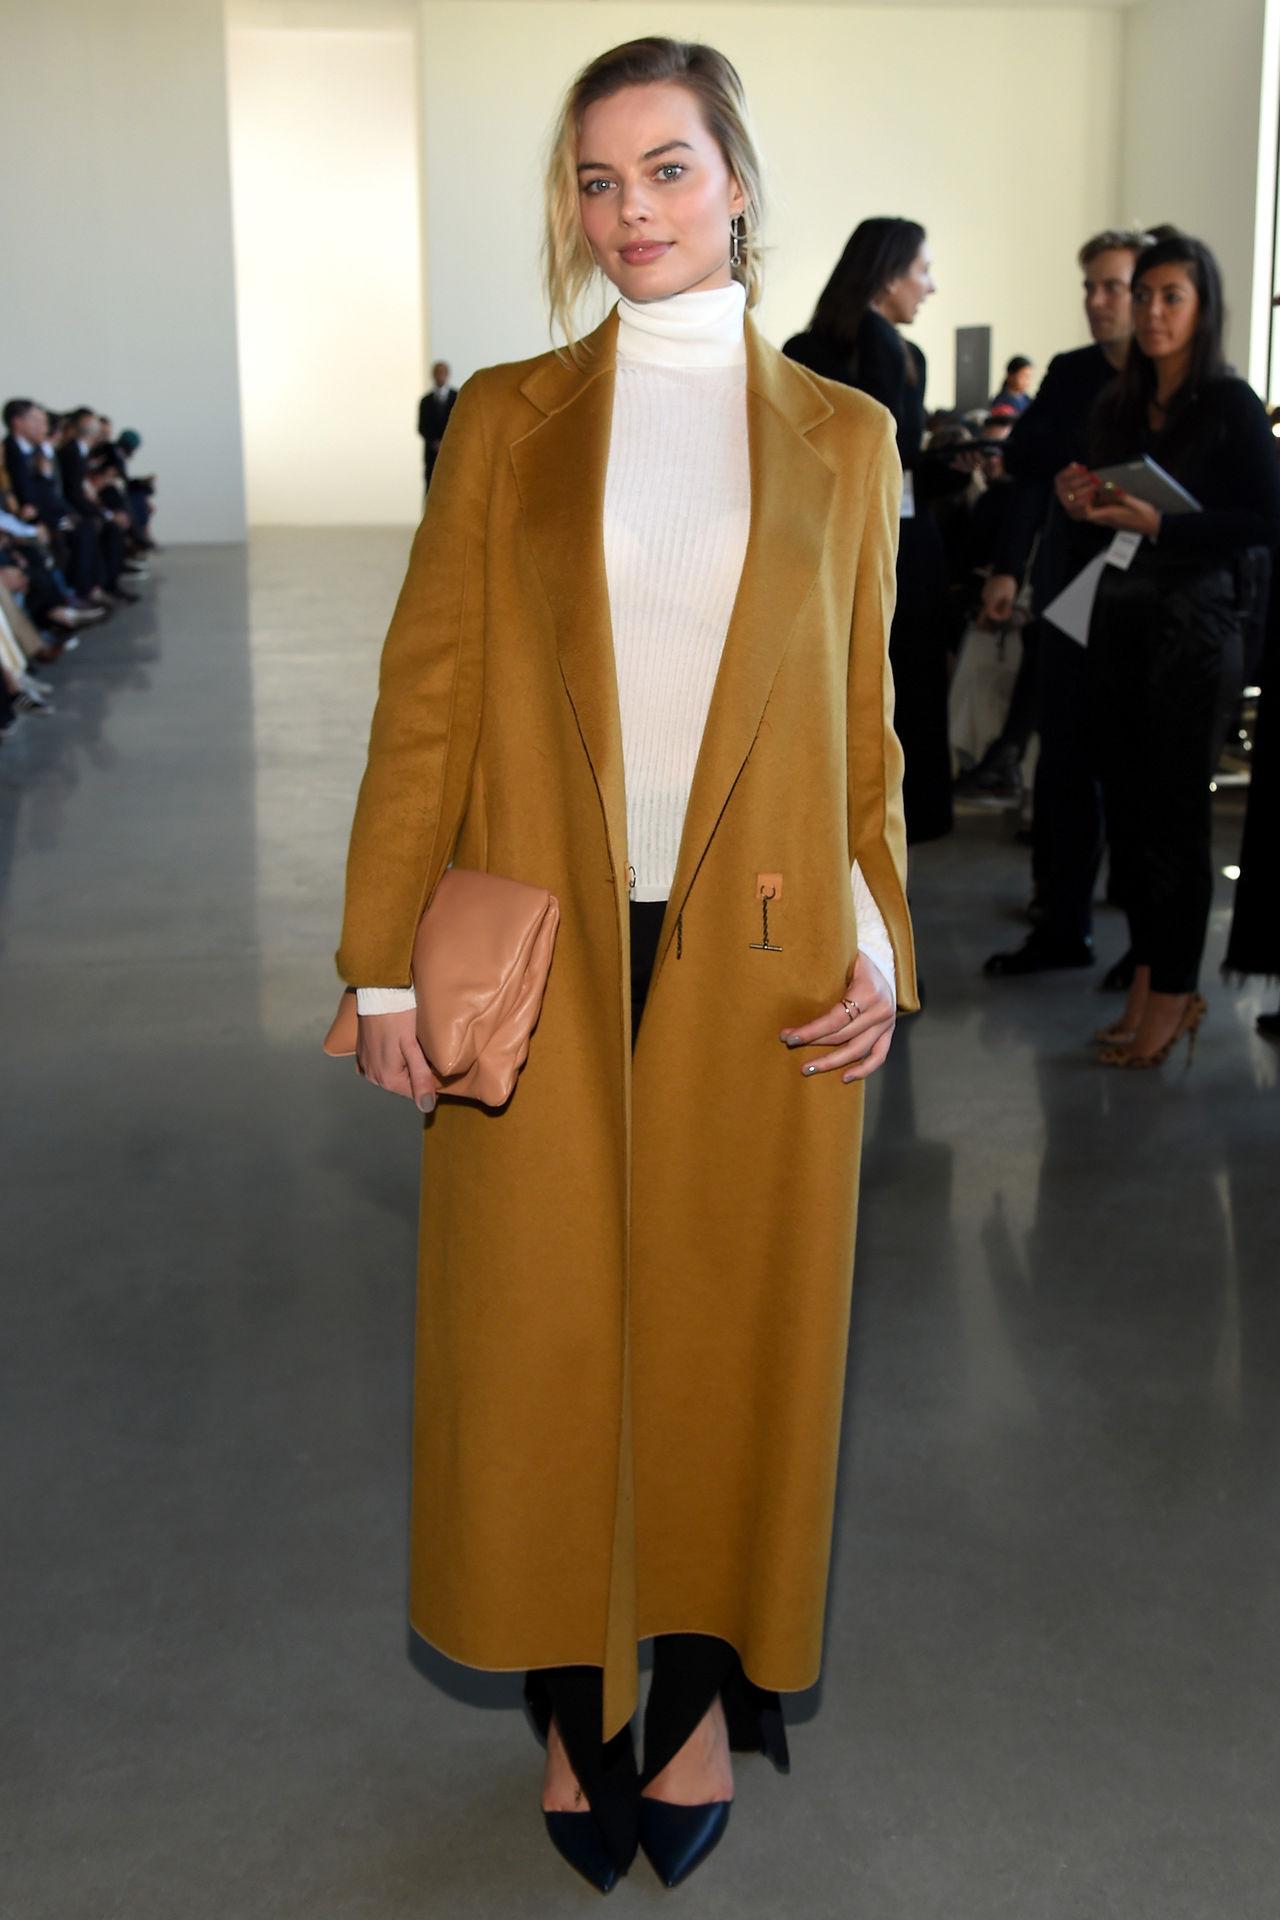 Inspiración invernal: Cómo llevar abrigos según el estilo de Margot Robbie